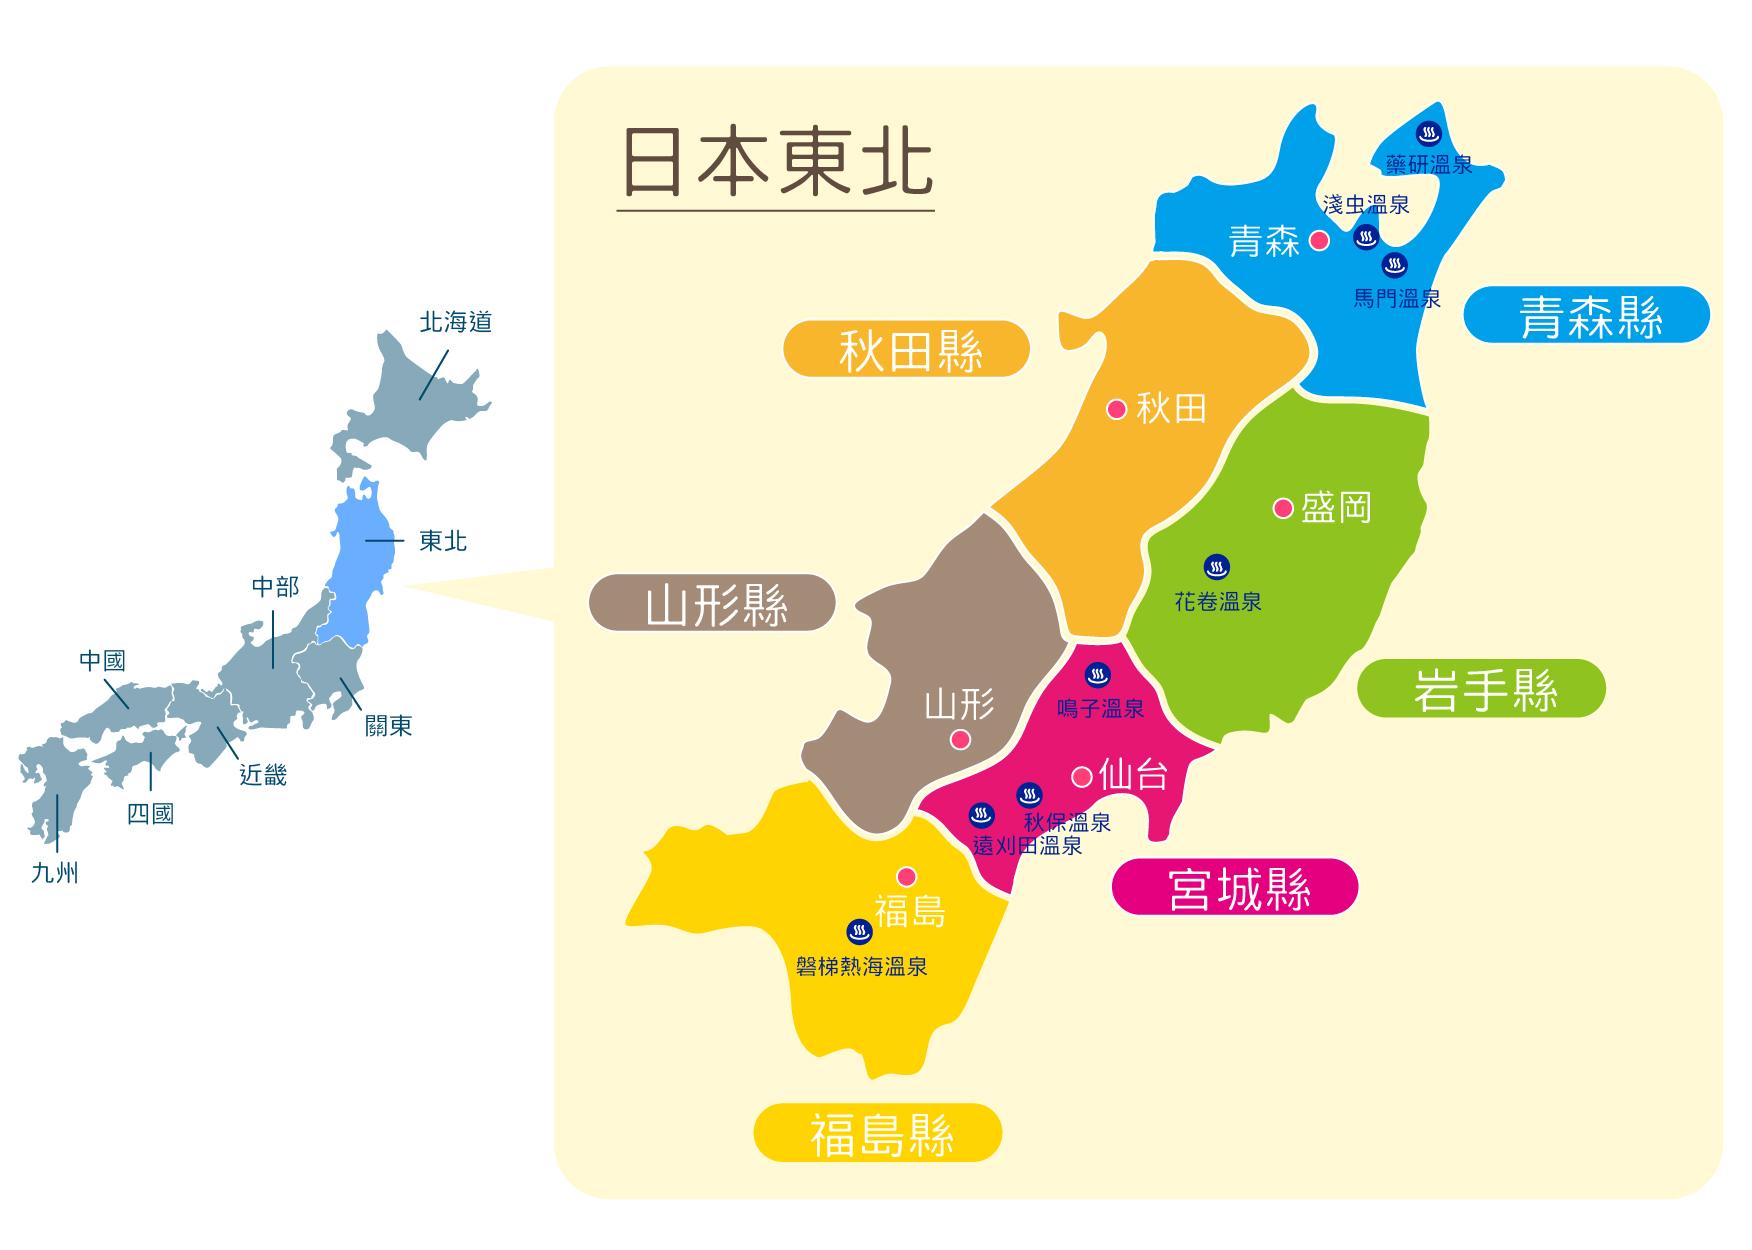 日本東北自由行|東北住宿、景點、交通攻略大全,玩遍青森、岩手、秋田、宮城、山形、福島